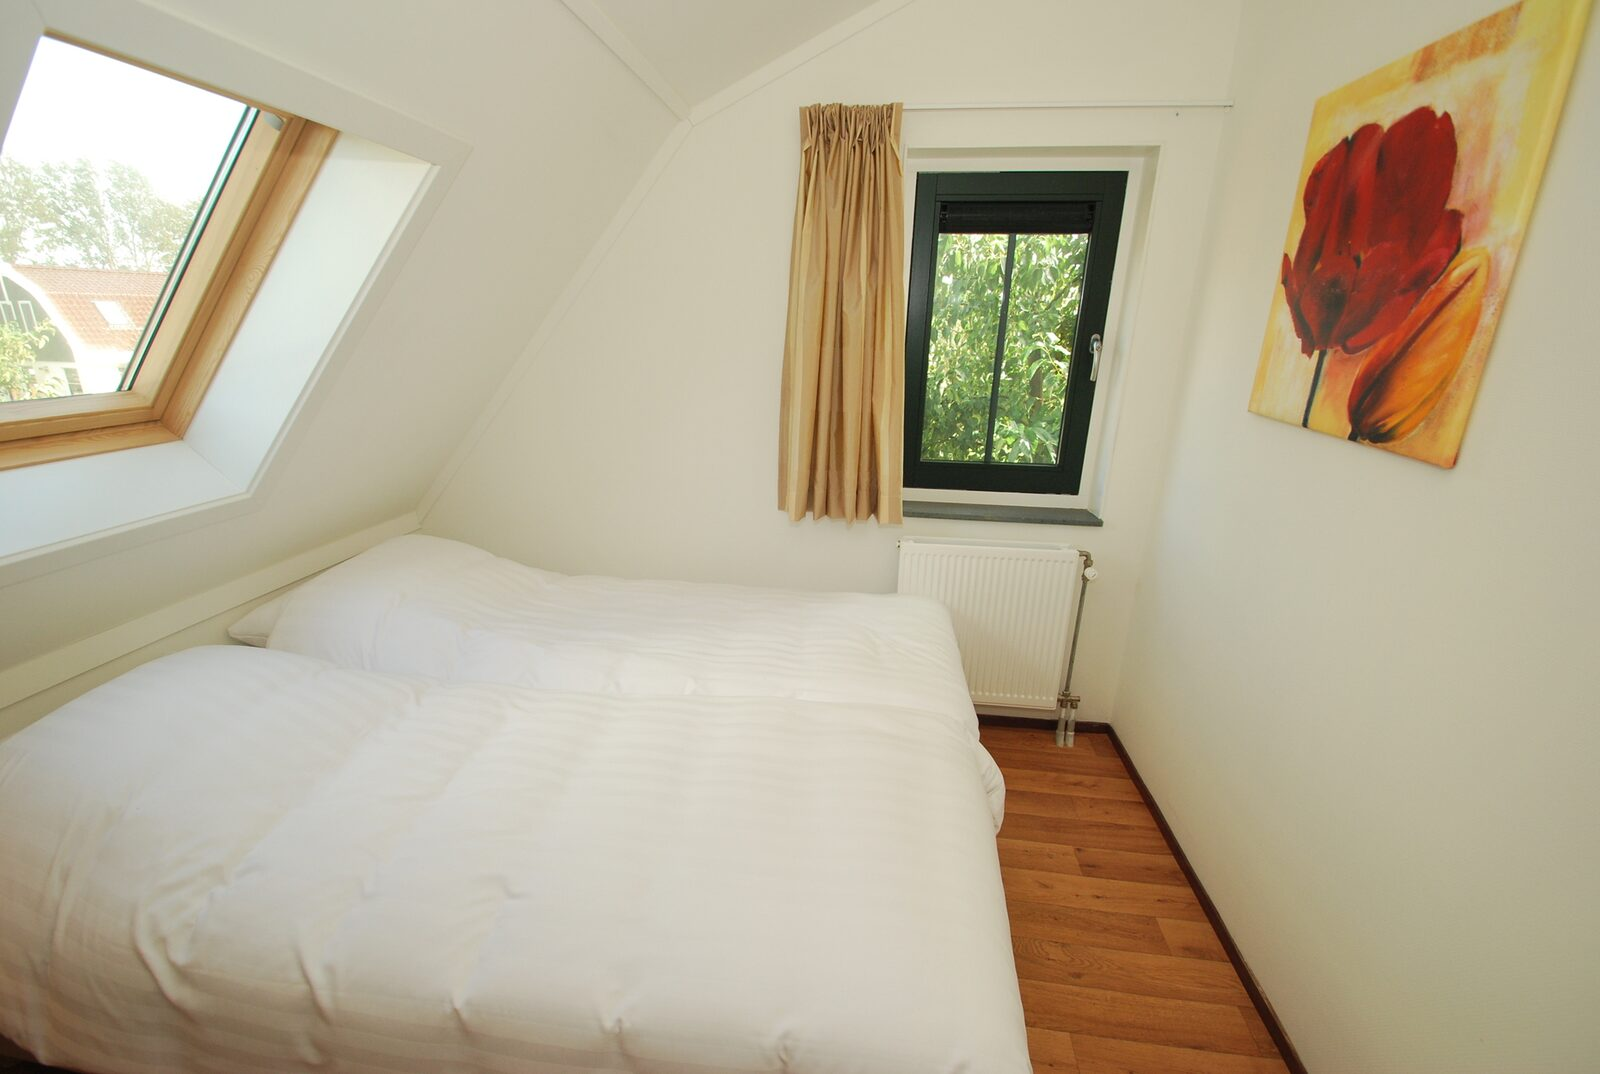 Koningshoeve 4 Personen mit 3 Schlafzimmer